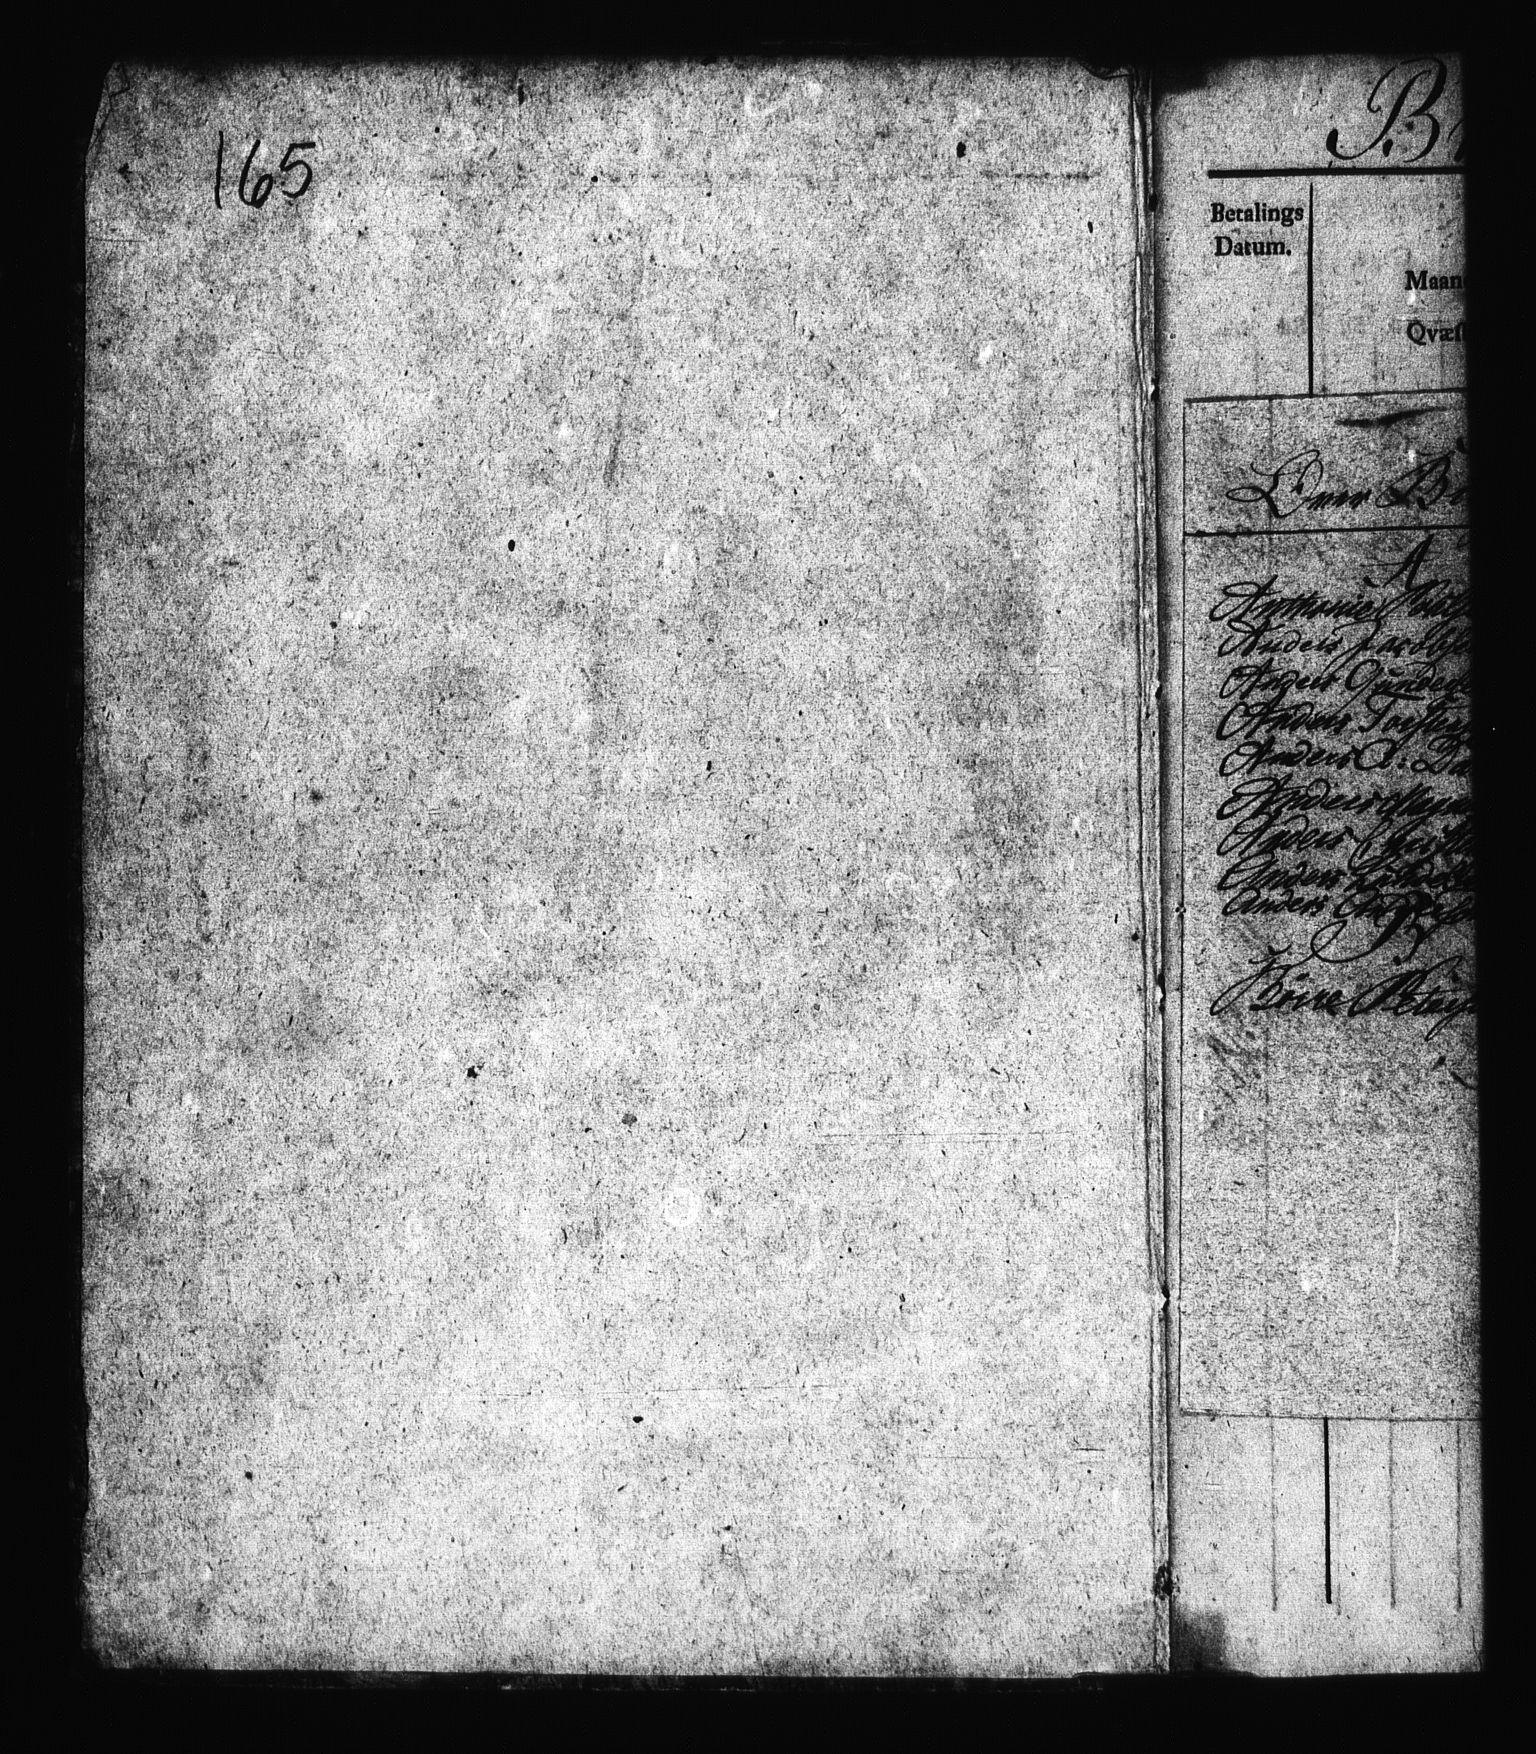 RA, Sjøetaten, F/L0166: Bragernes distrikt, bind 3, 1812